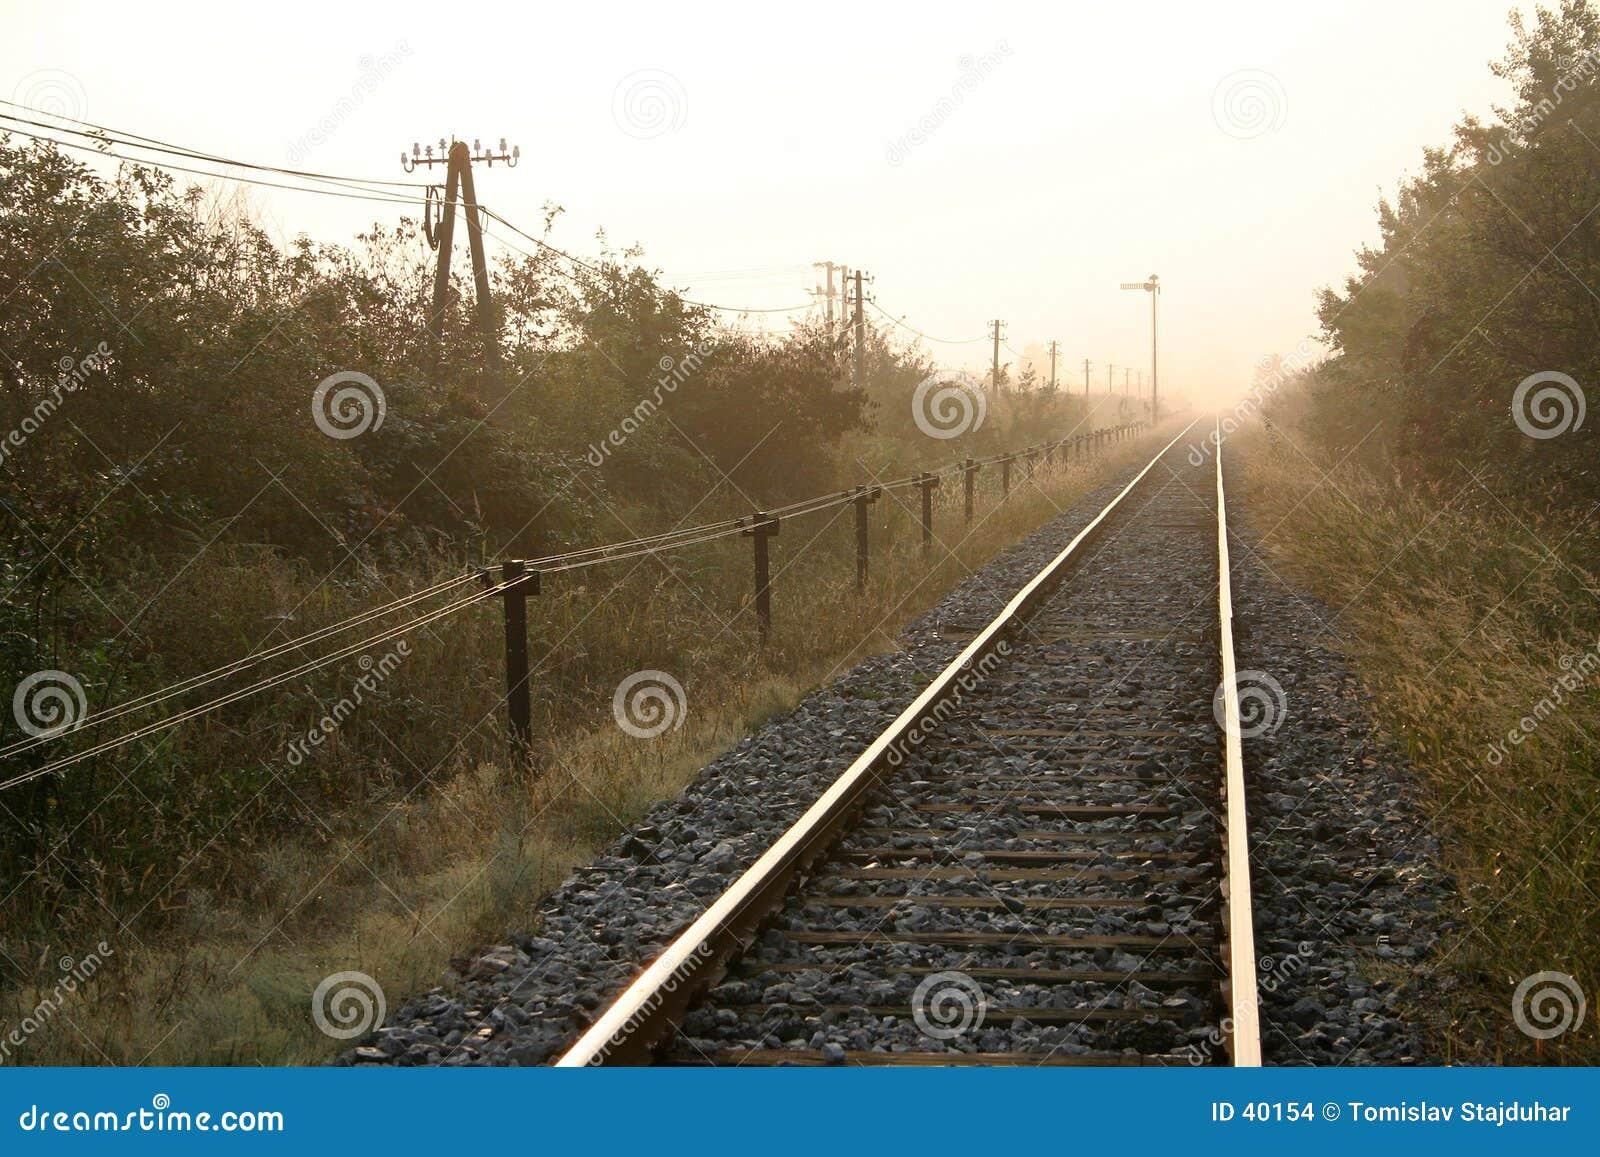 Download Mañana Por Las Pistas De Ferrocarril Foto de archivo - Imagen de concepto, mañana: 40154